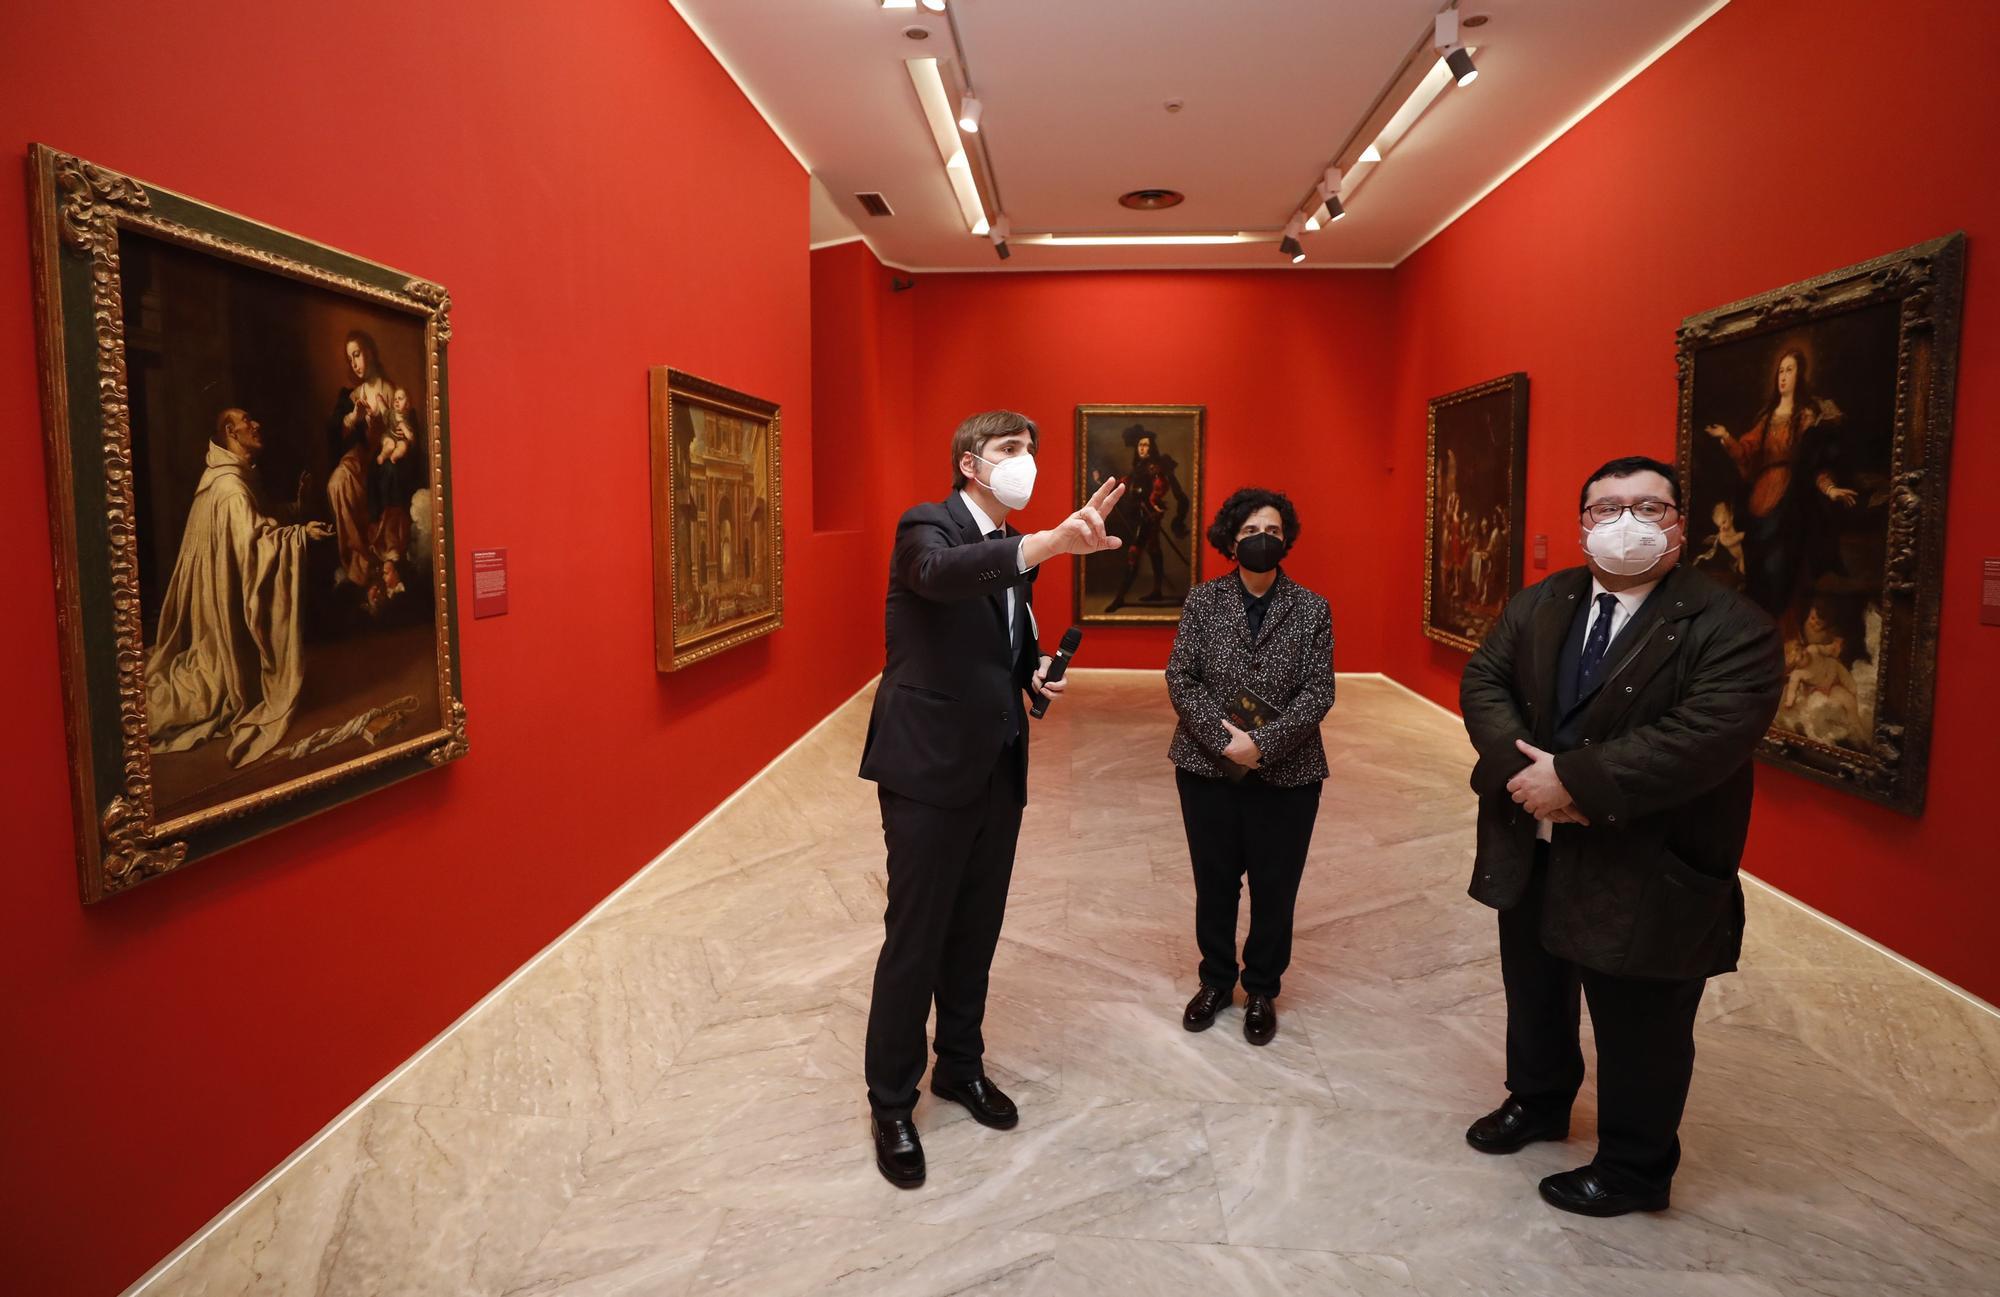 Inauguración de la exposición en el Bellas Artes de las obras donadas por Plácido Arango